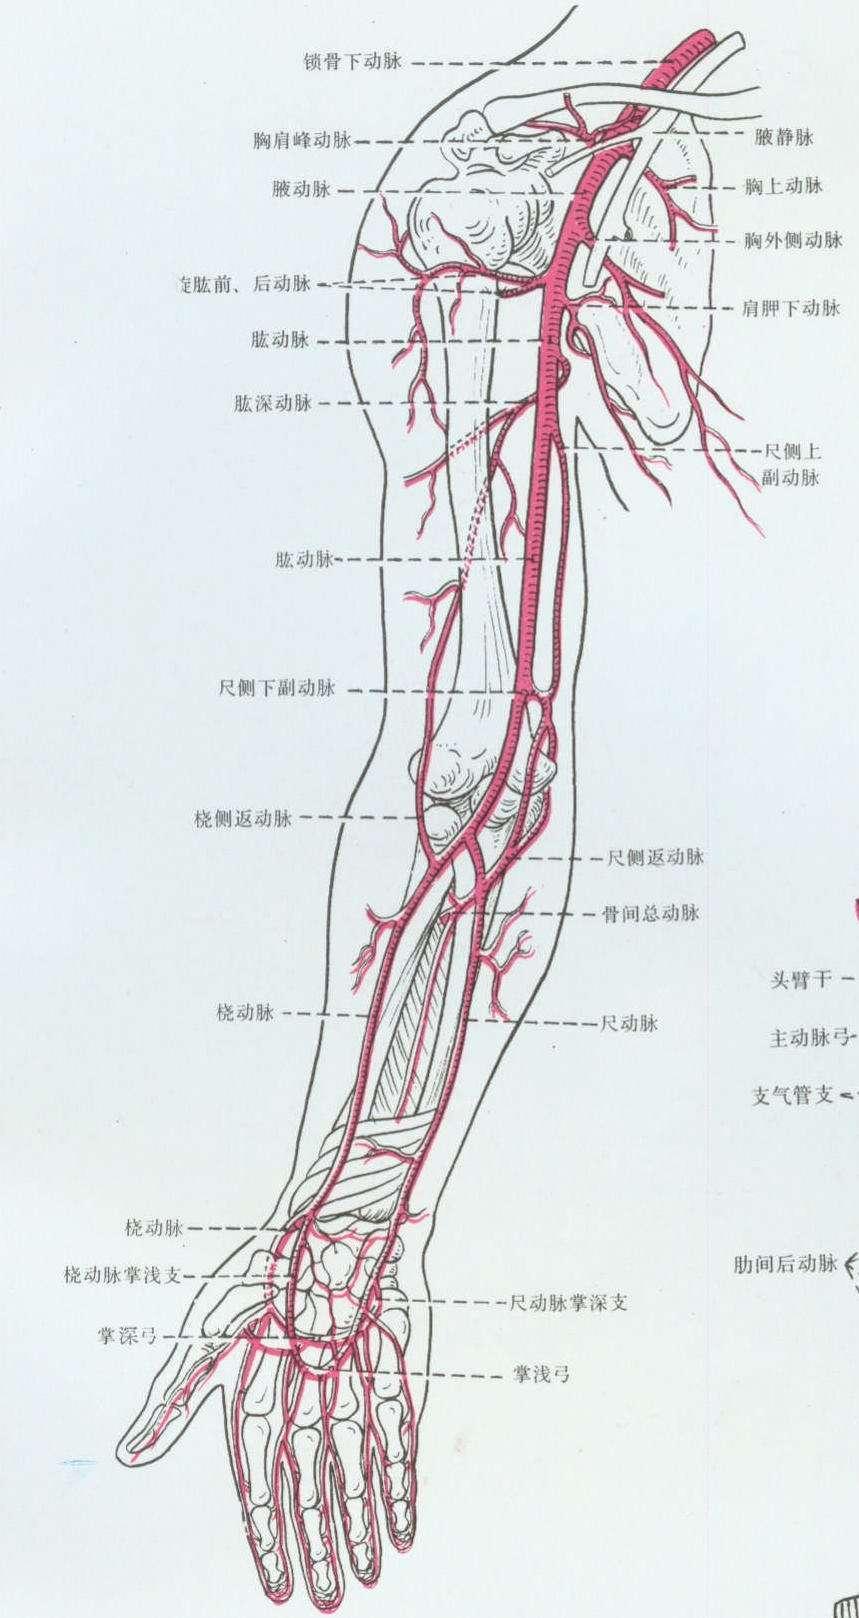 上肢內瘺術前動脈超聲評估(一) - 知乎